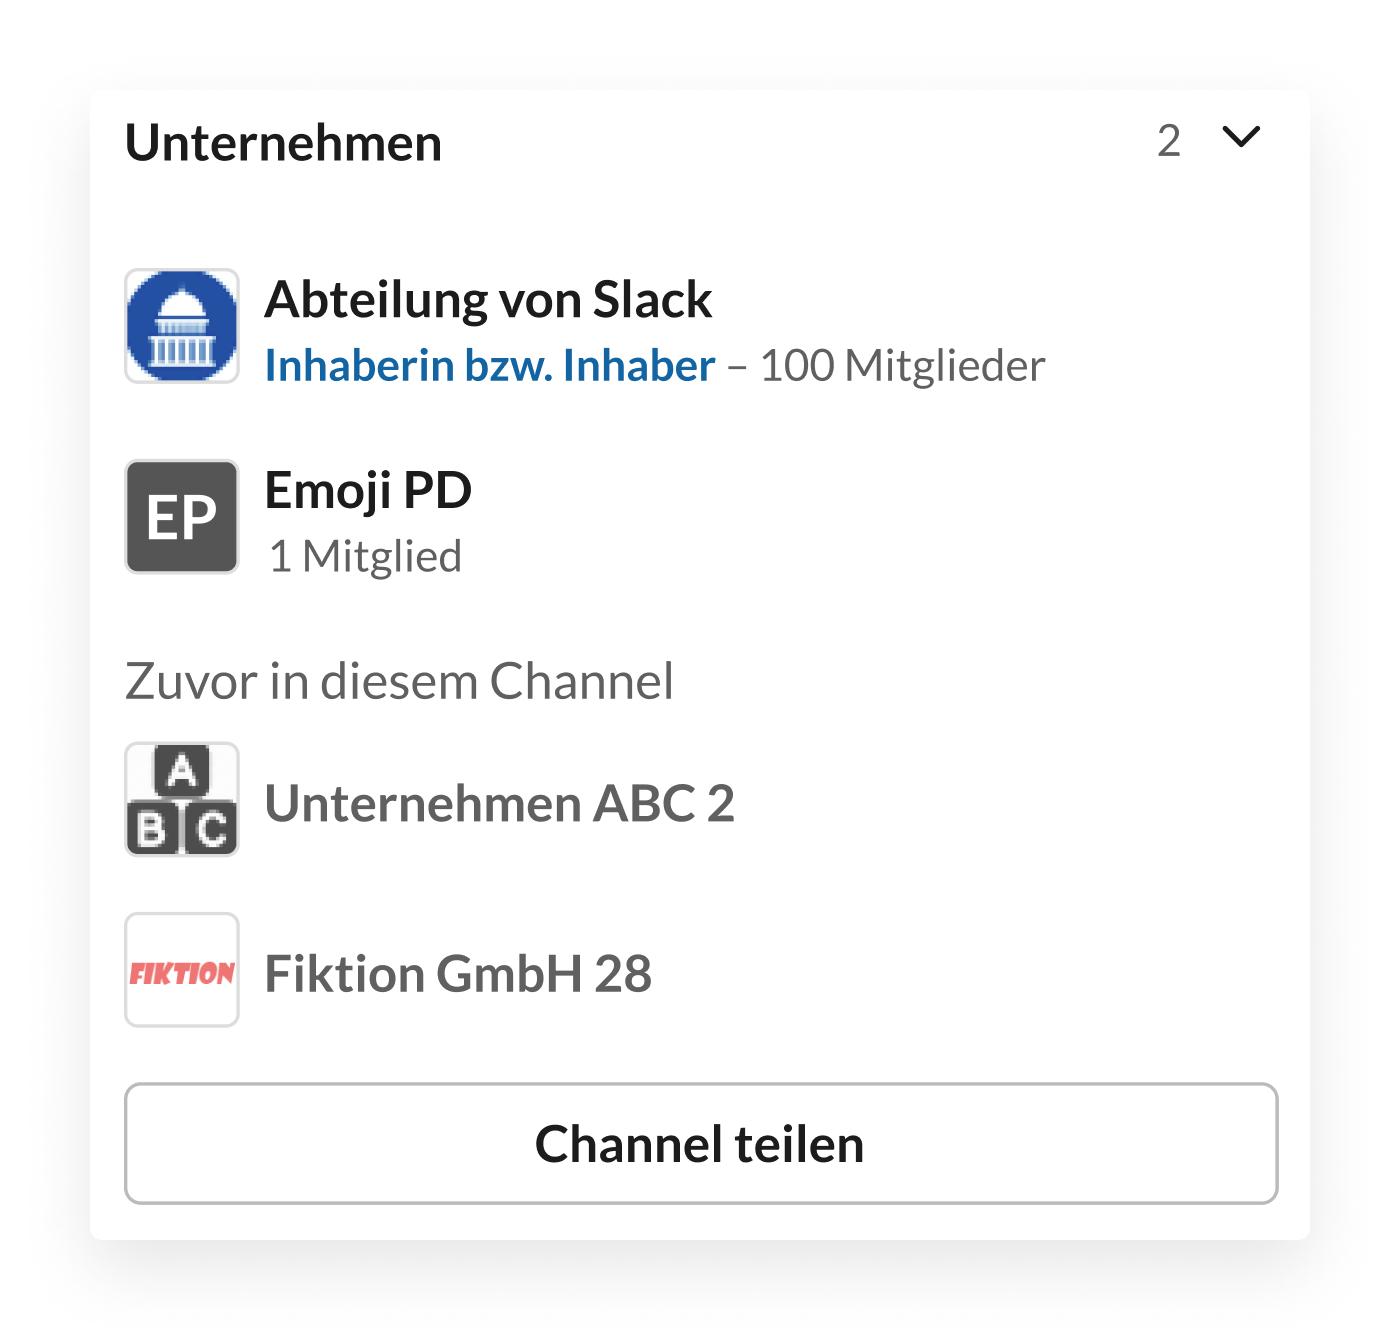 Liste der Organisationen in Geteiltem Channel